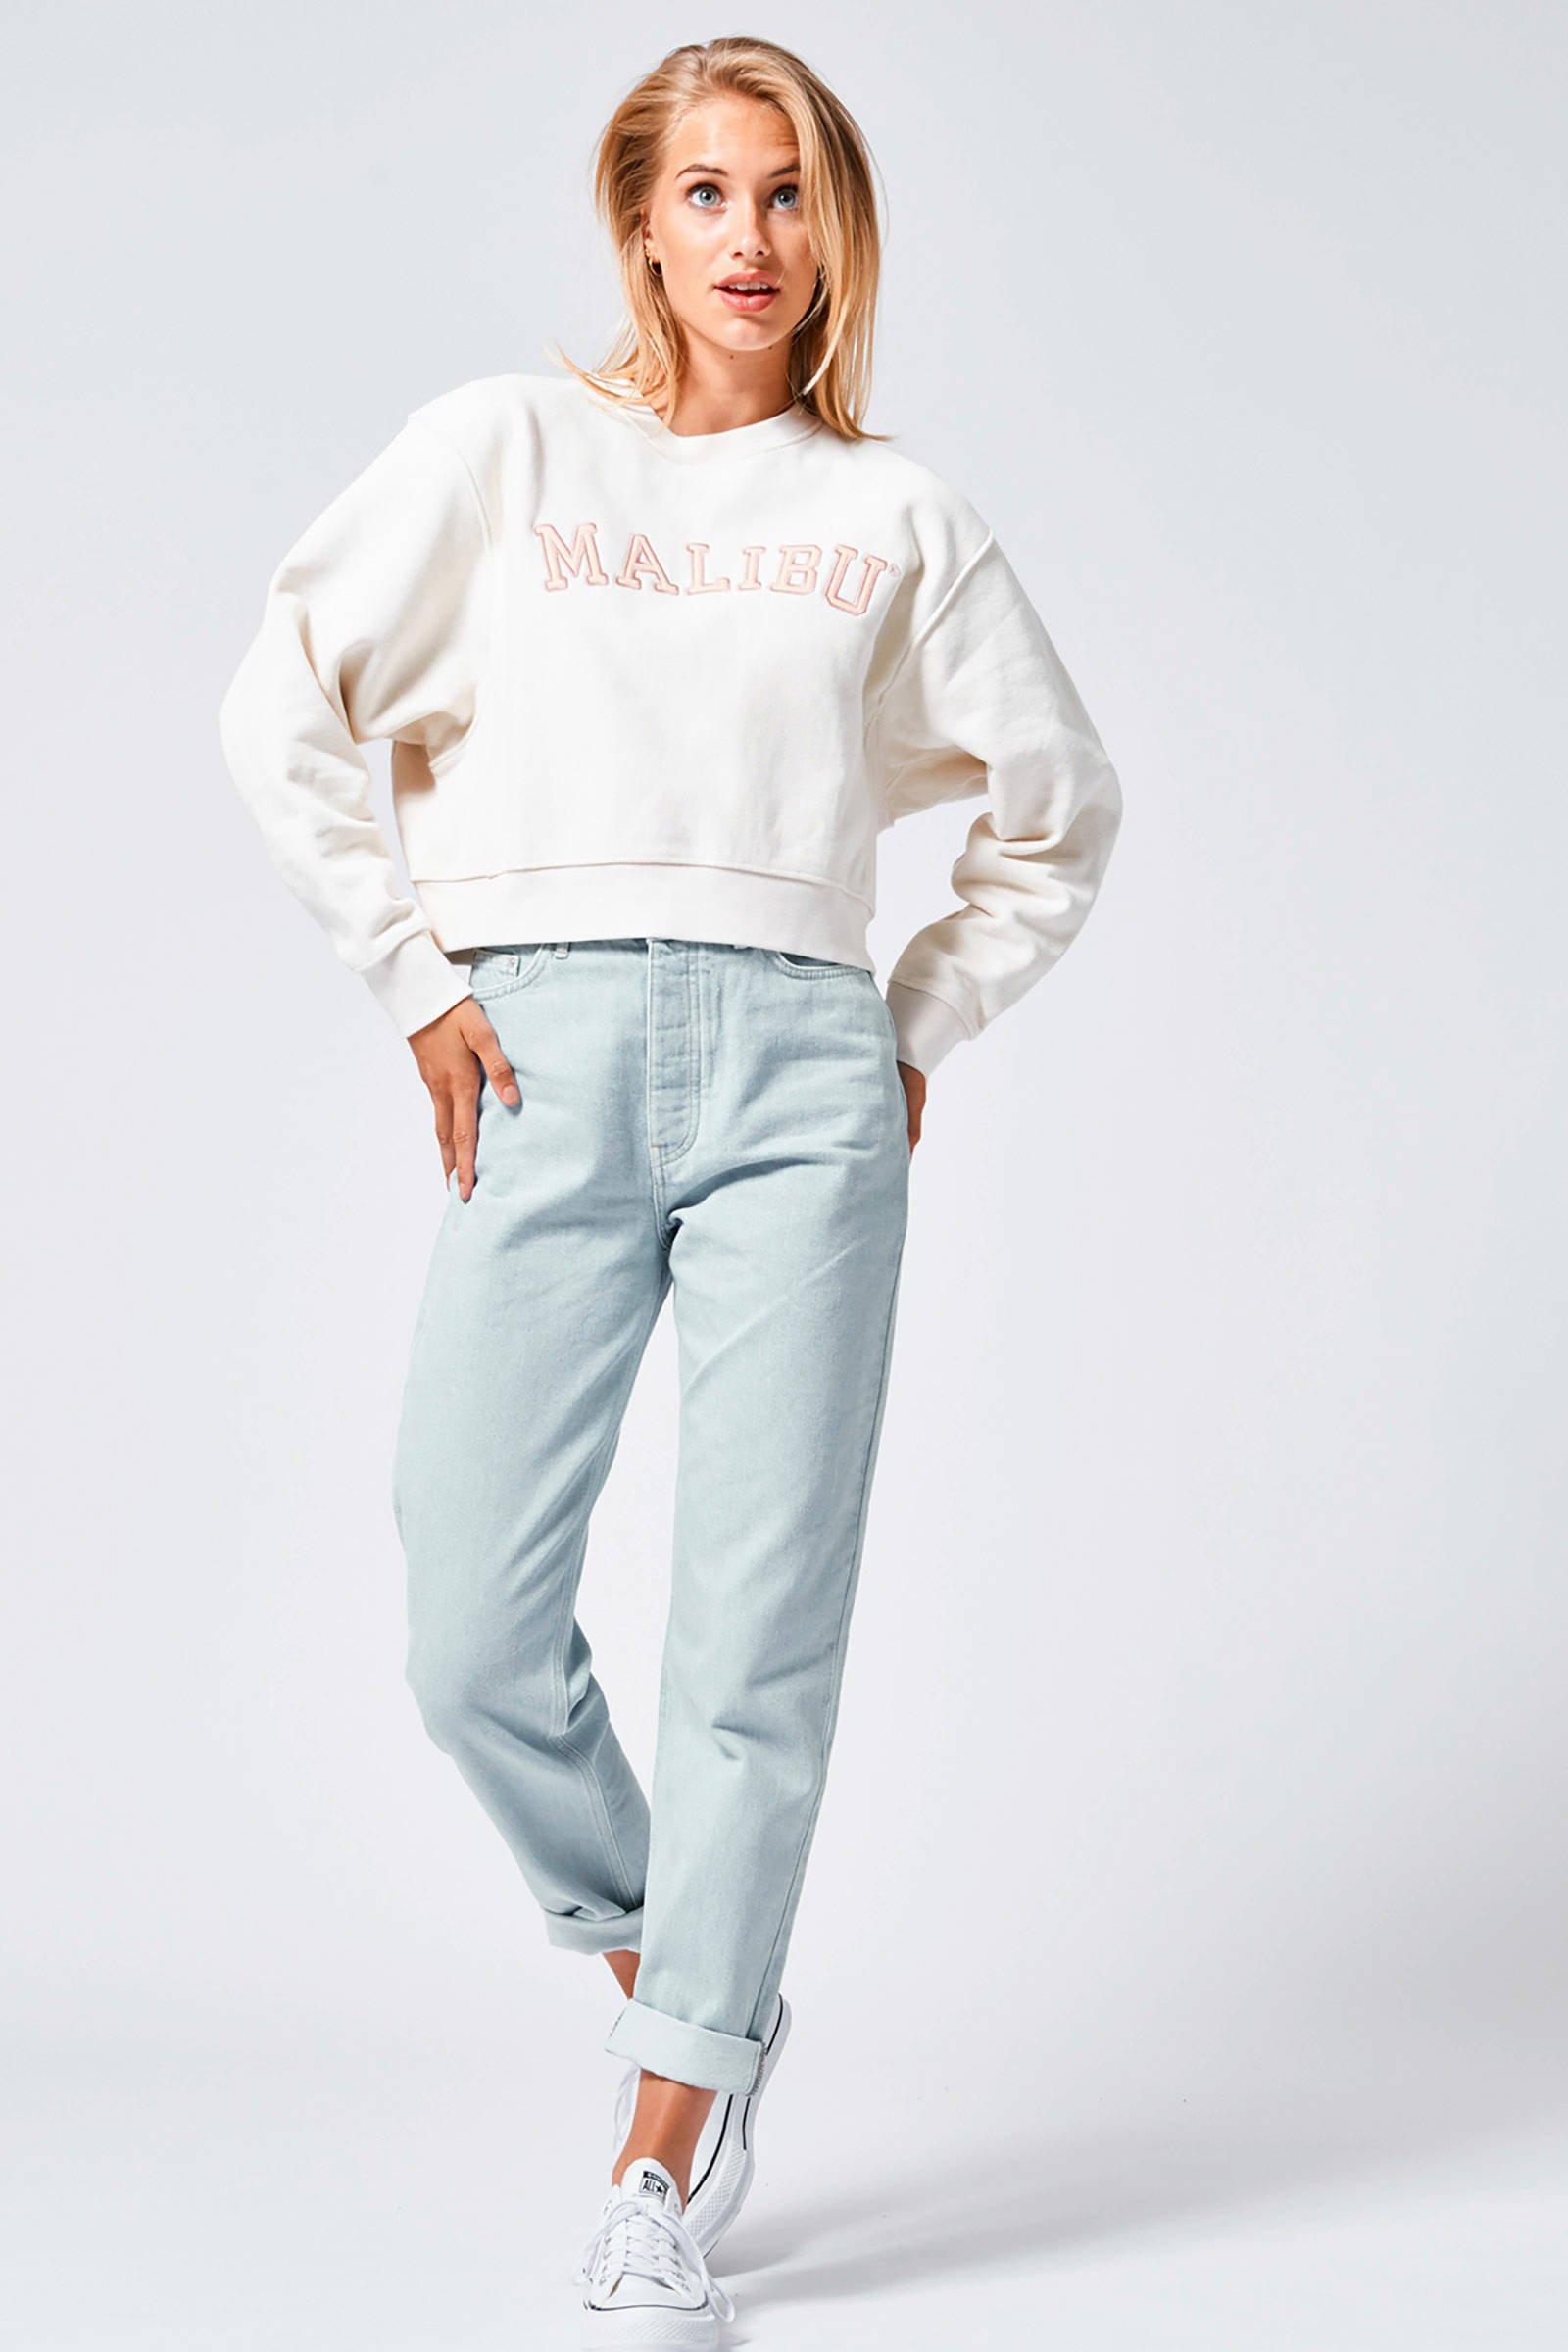 America Today sweater Simone met tekst gebroken wit | wehkamp